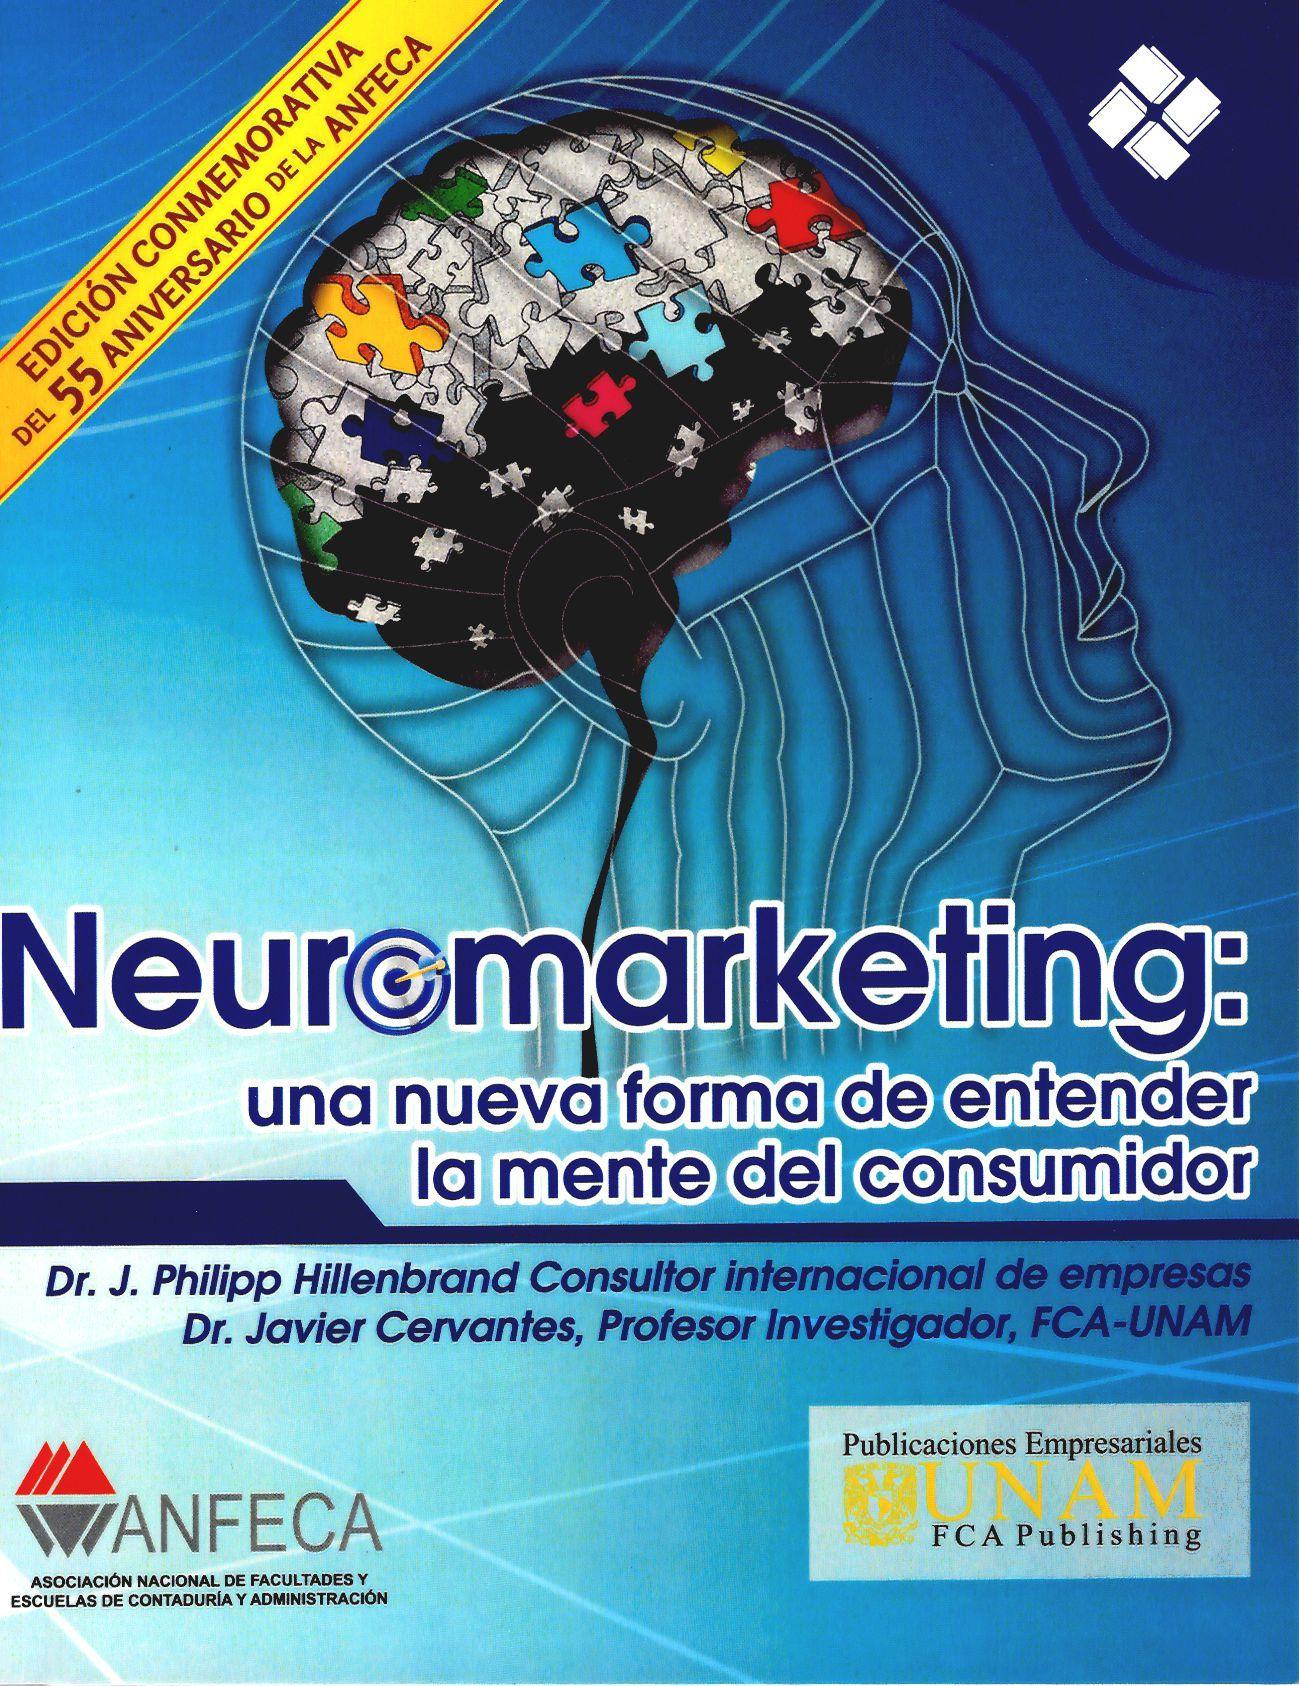 Neuromarketing: una nueva forma de entender la mente del consumidor